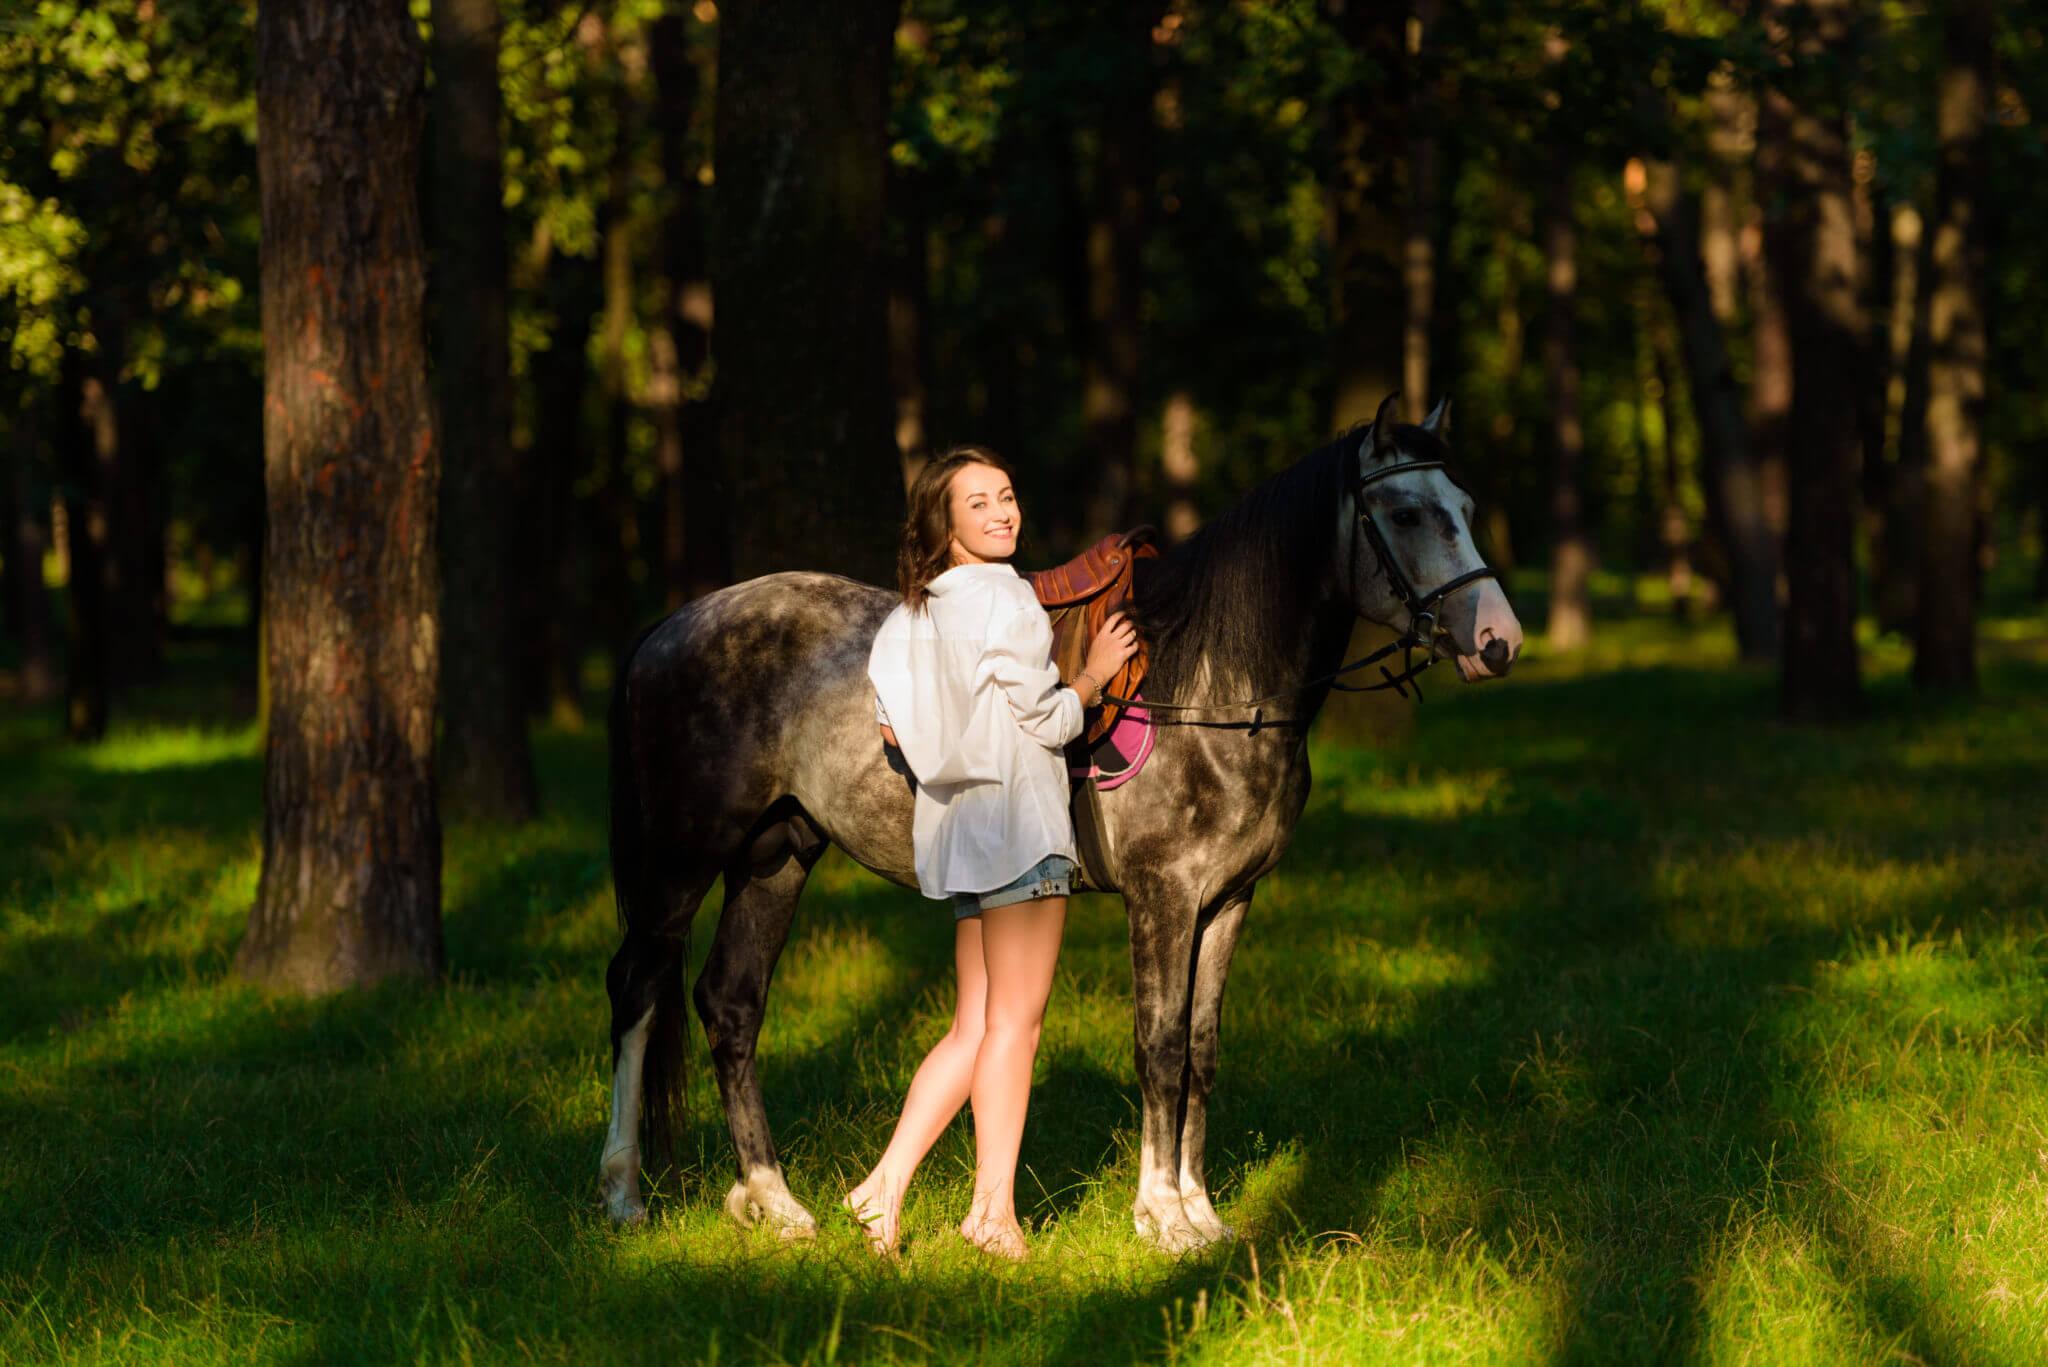 Фотосессия с лошадьми, ph Постникова Алиса, md Марианна Григорашвили, локация Парк Партизанской Славы